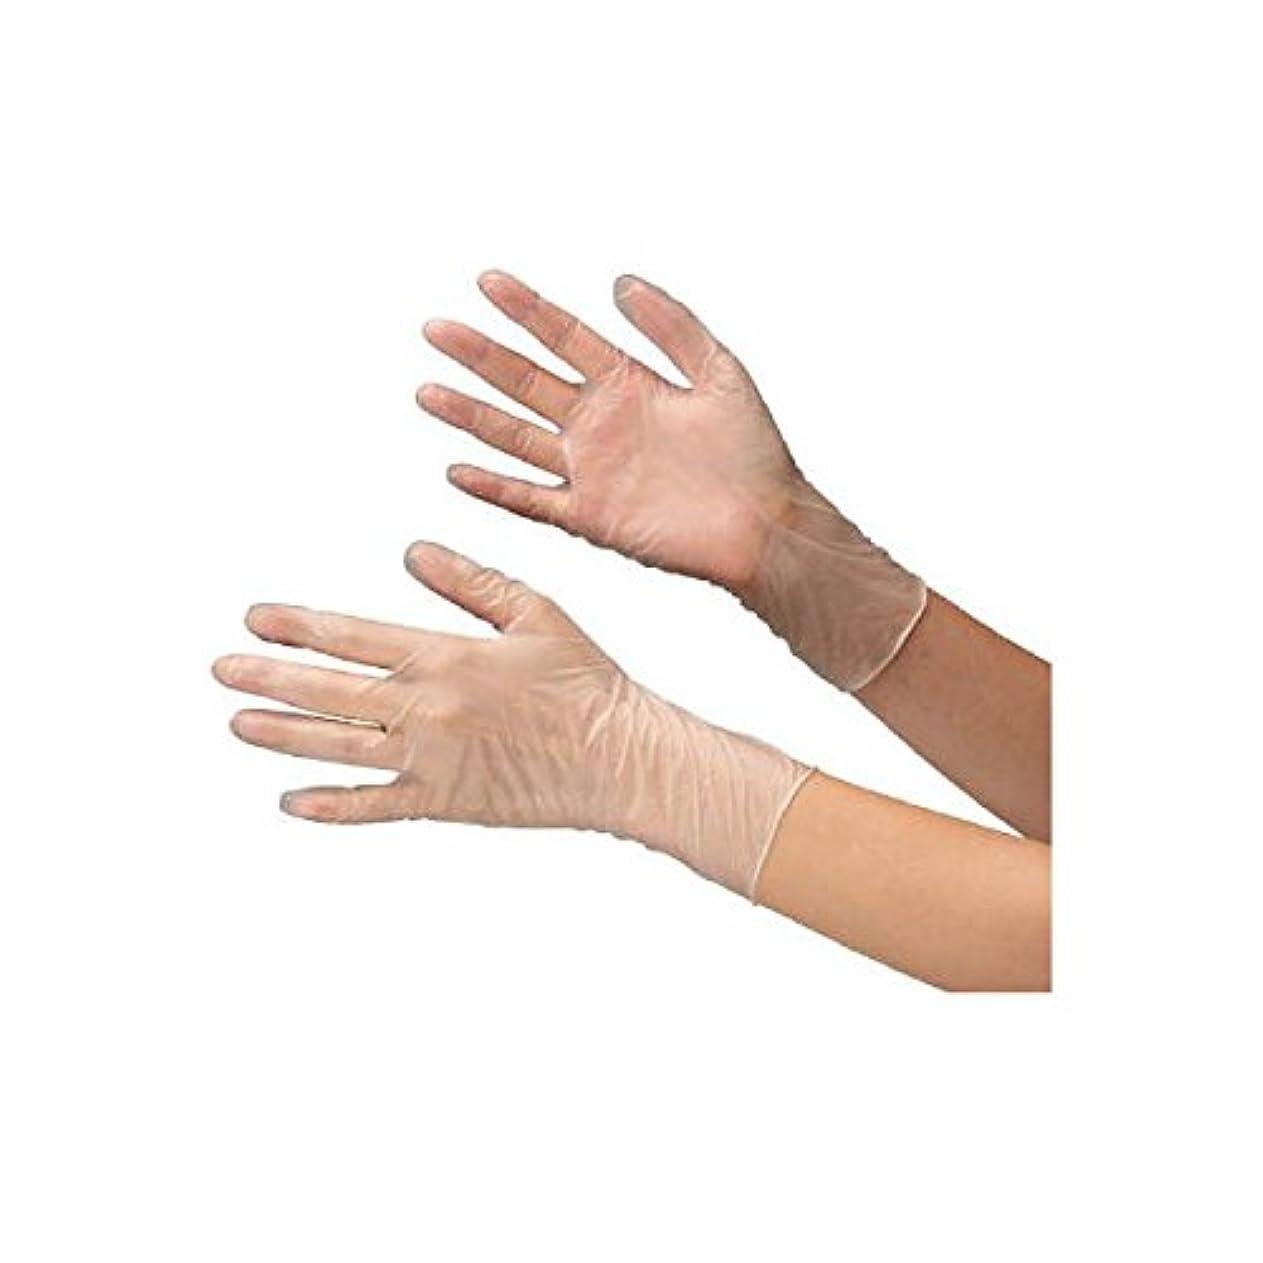 毛布終わったドラムミドリ安全/ミドリ安全 塩化ビニール製 使い捨て手袋 粉なし 100枚入 S(3889335) VERTE-851-S [その他]